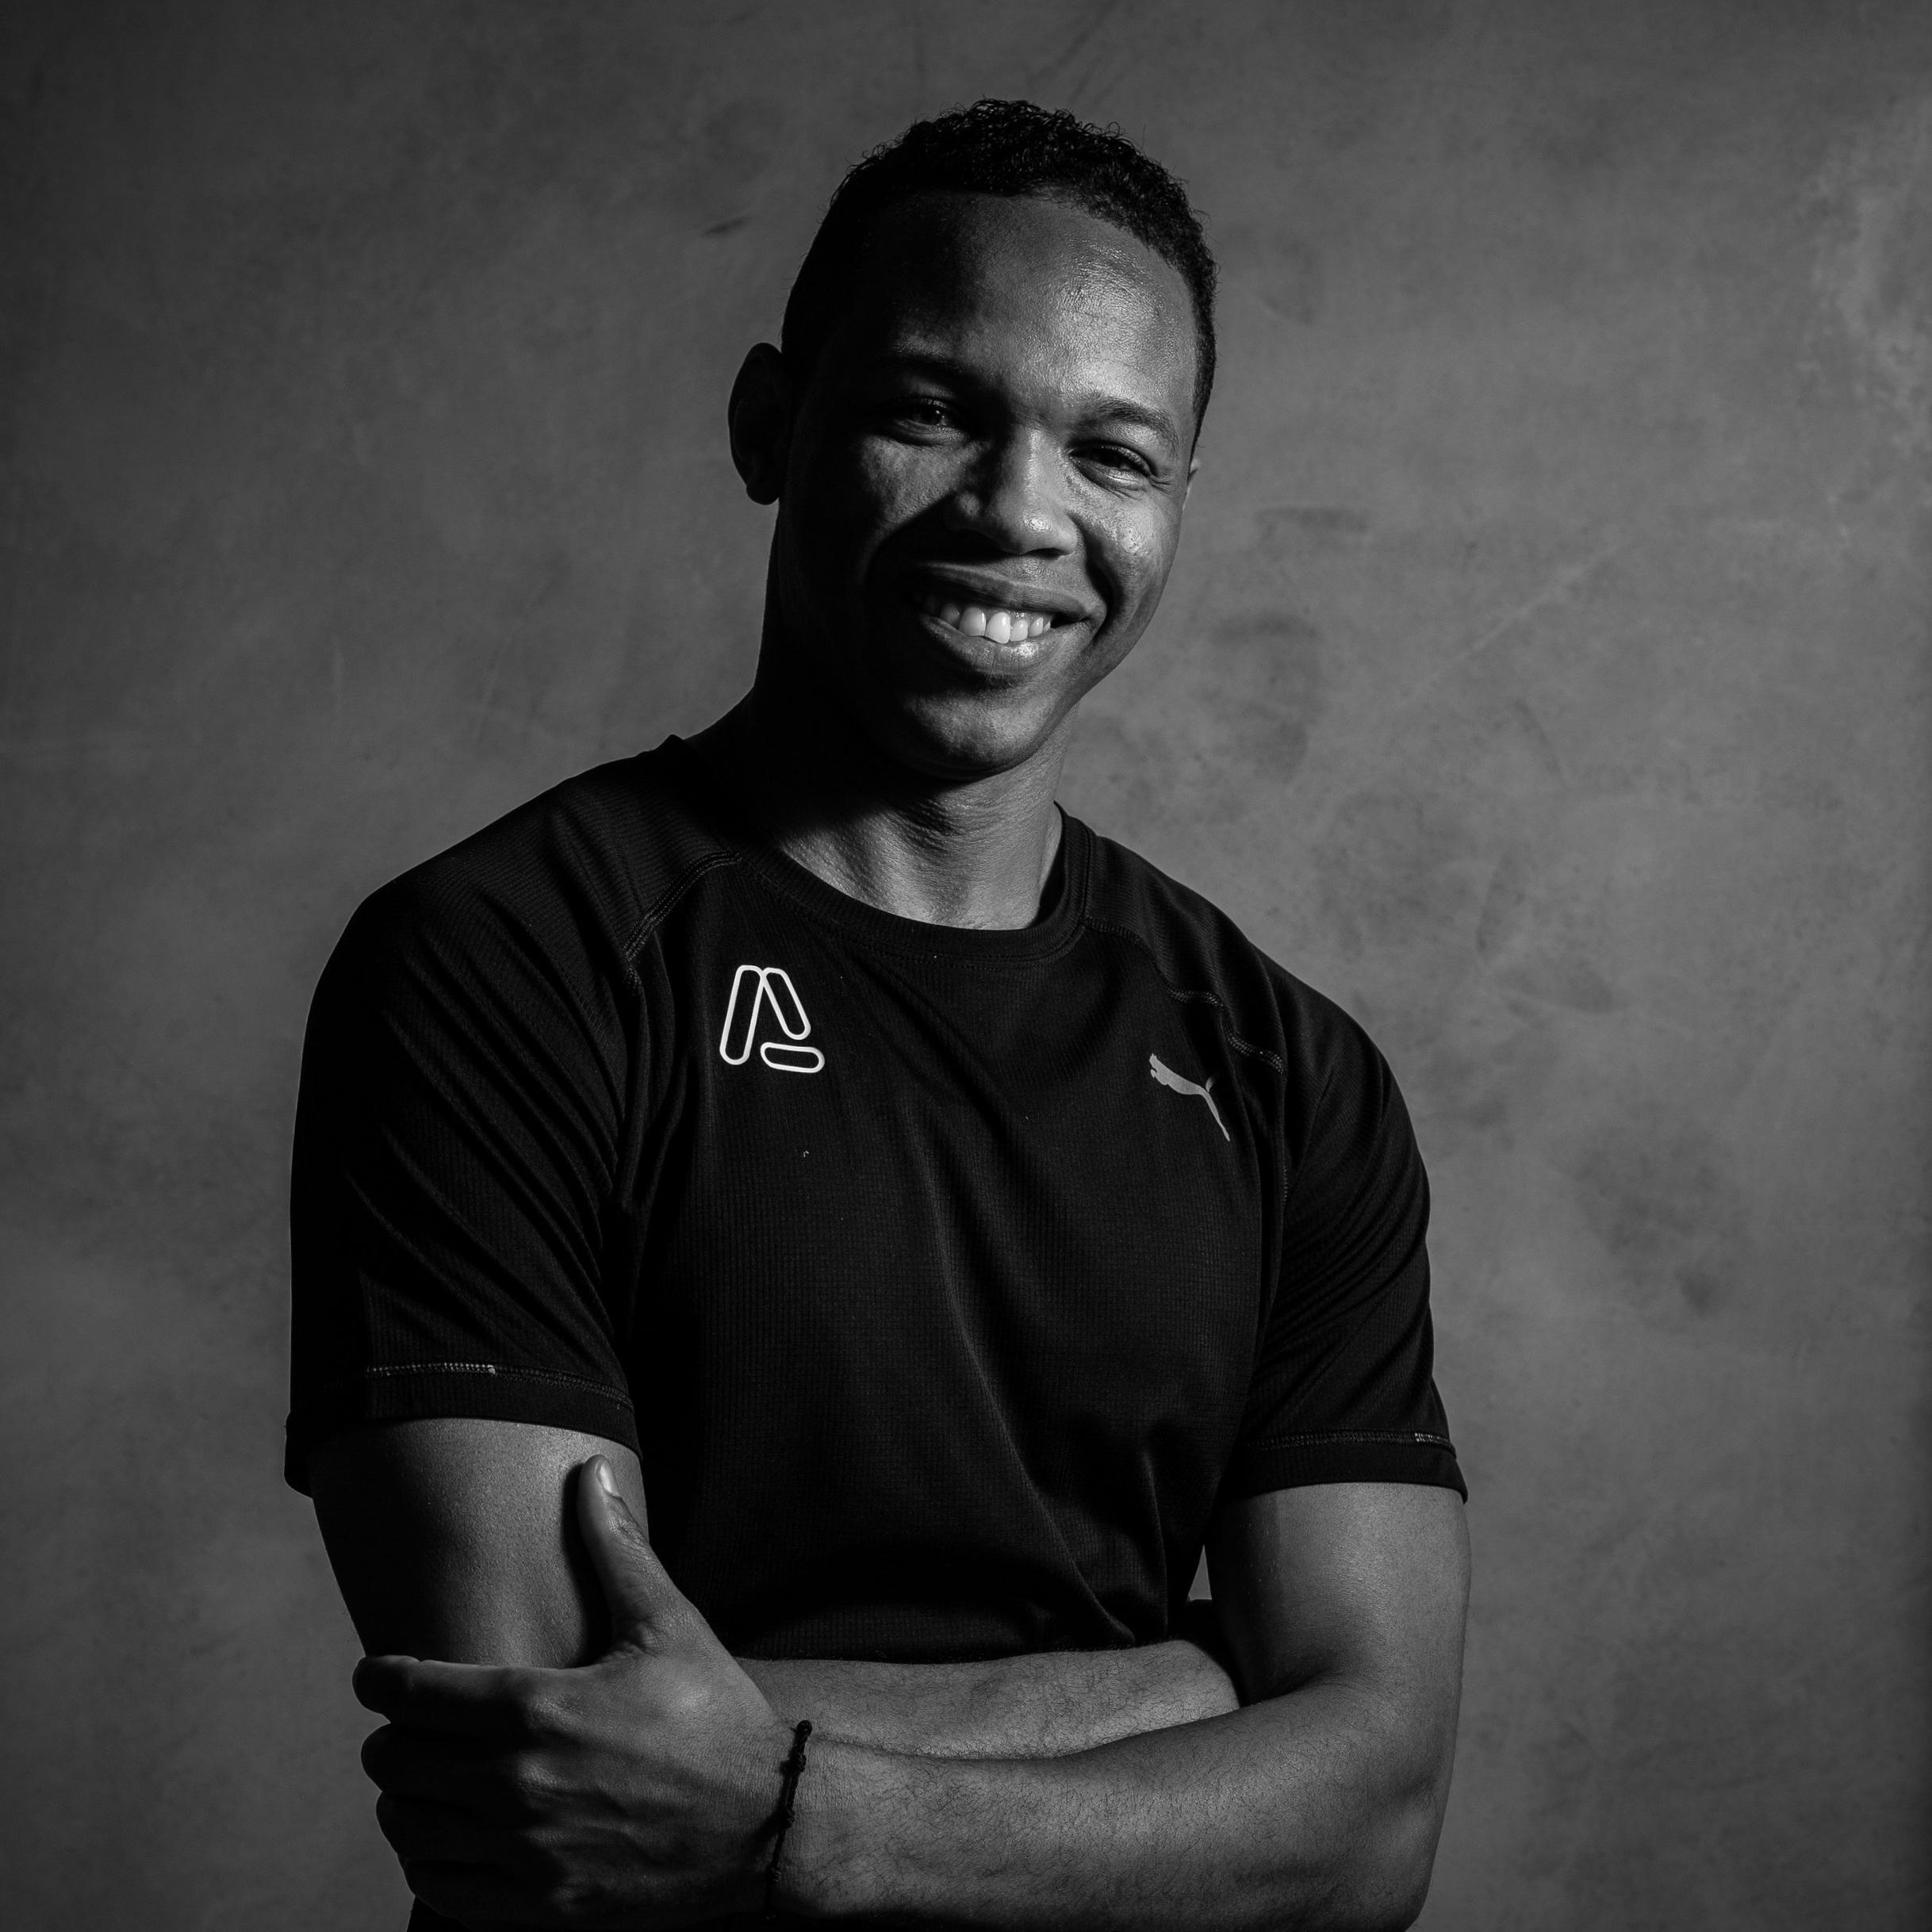 Coach Lázaro   Nuestra experto en levantamiento de pesas/halterofilia.  Sus fuertes son el entrenamiento de pierna así como el entrenamiento competitivo.  Lleva tu cuerpo a otro nivel entrenando con ella.